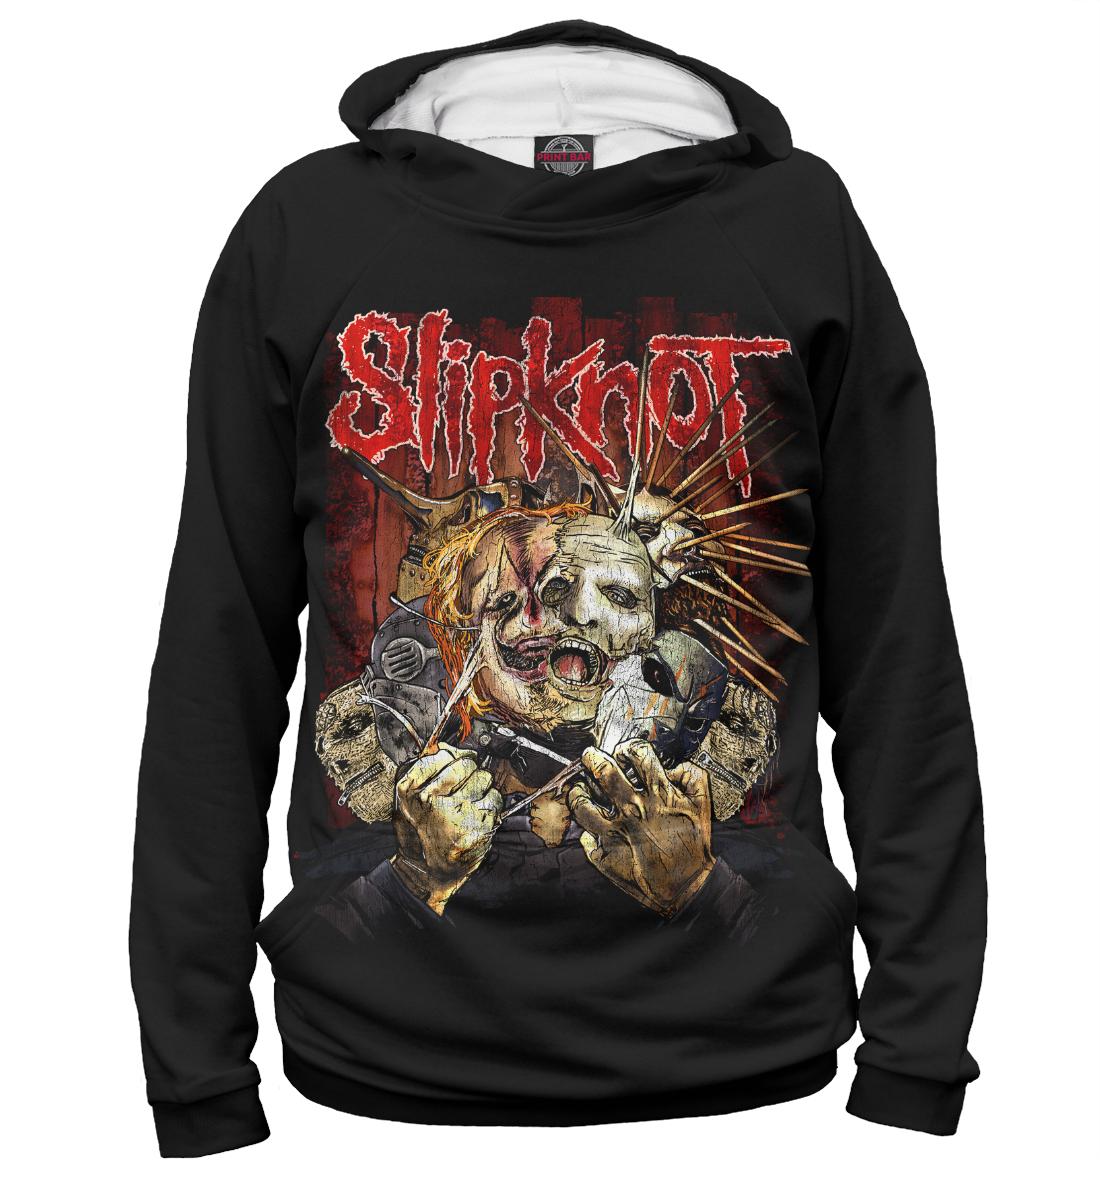 Купить Худи для мальчика Slipknot SLI-295033-hud-2